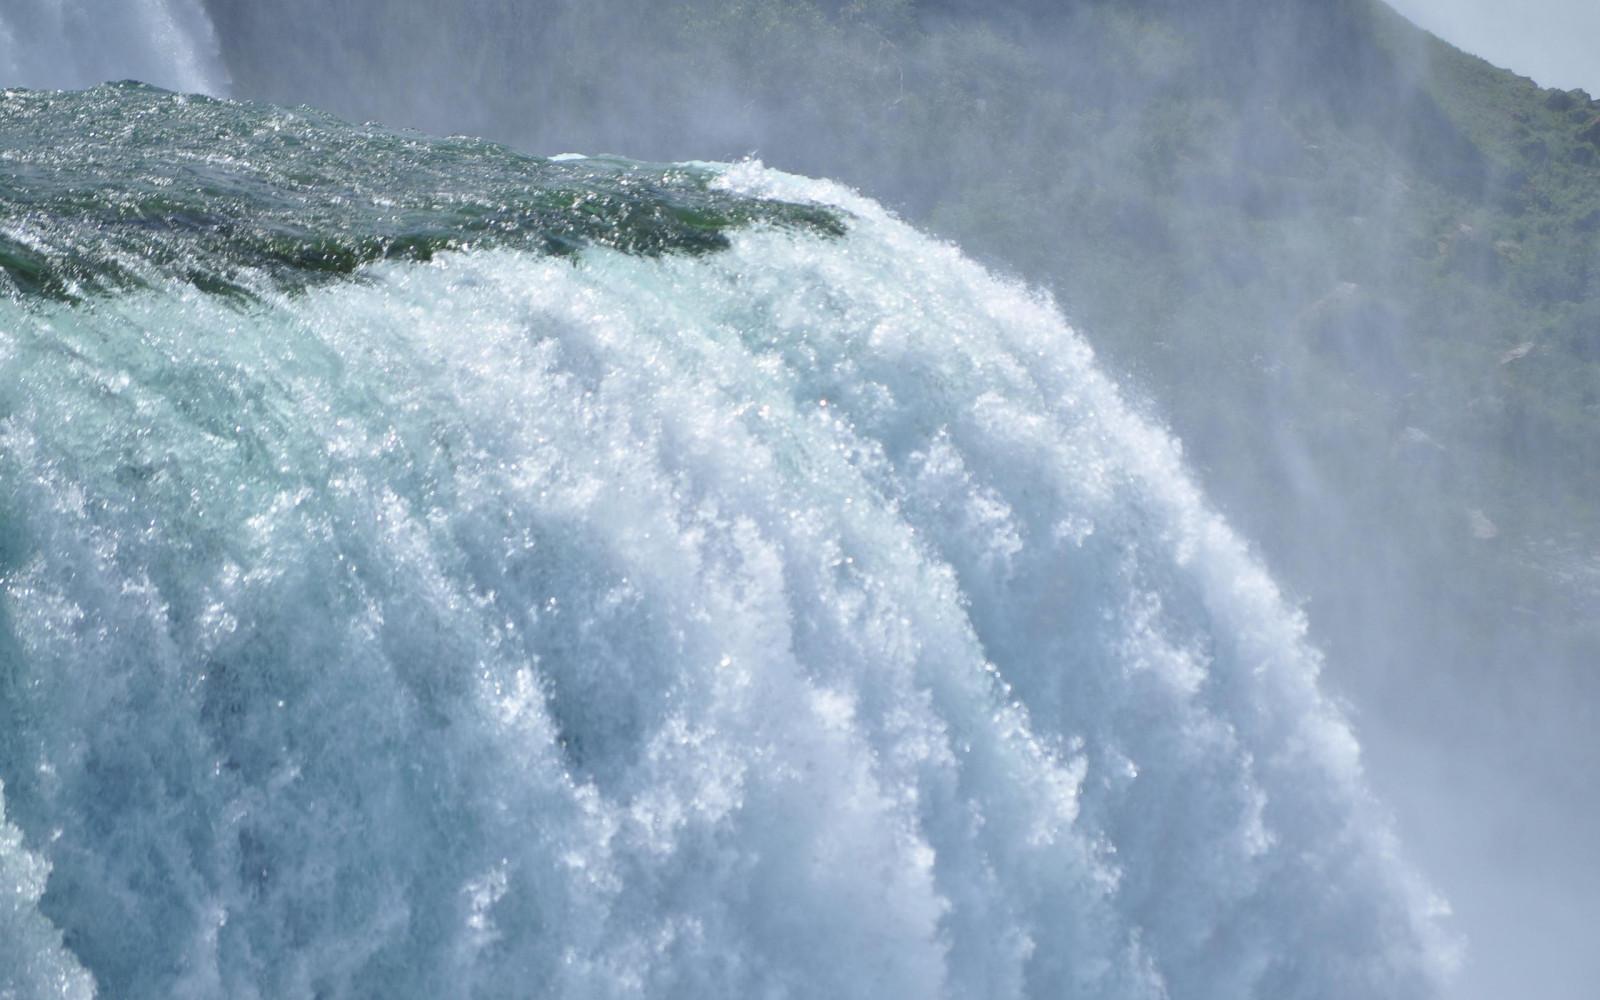 обои на рабочий стол водопад анимация № 336917 бесплатно